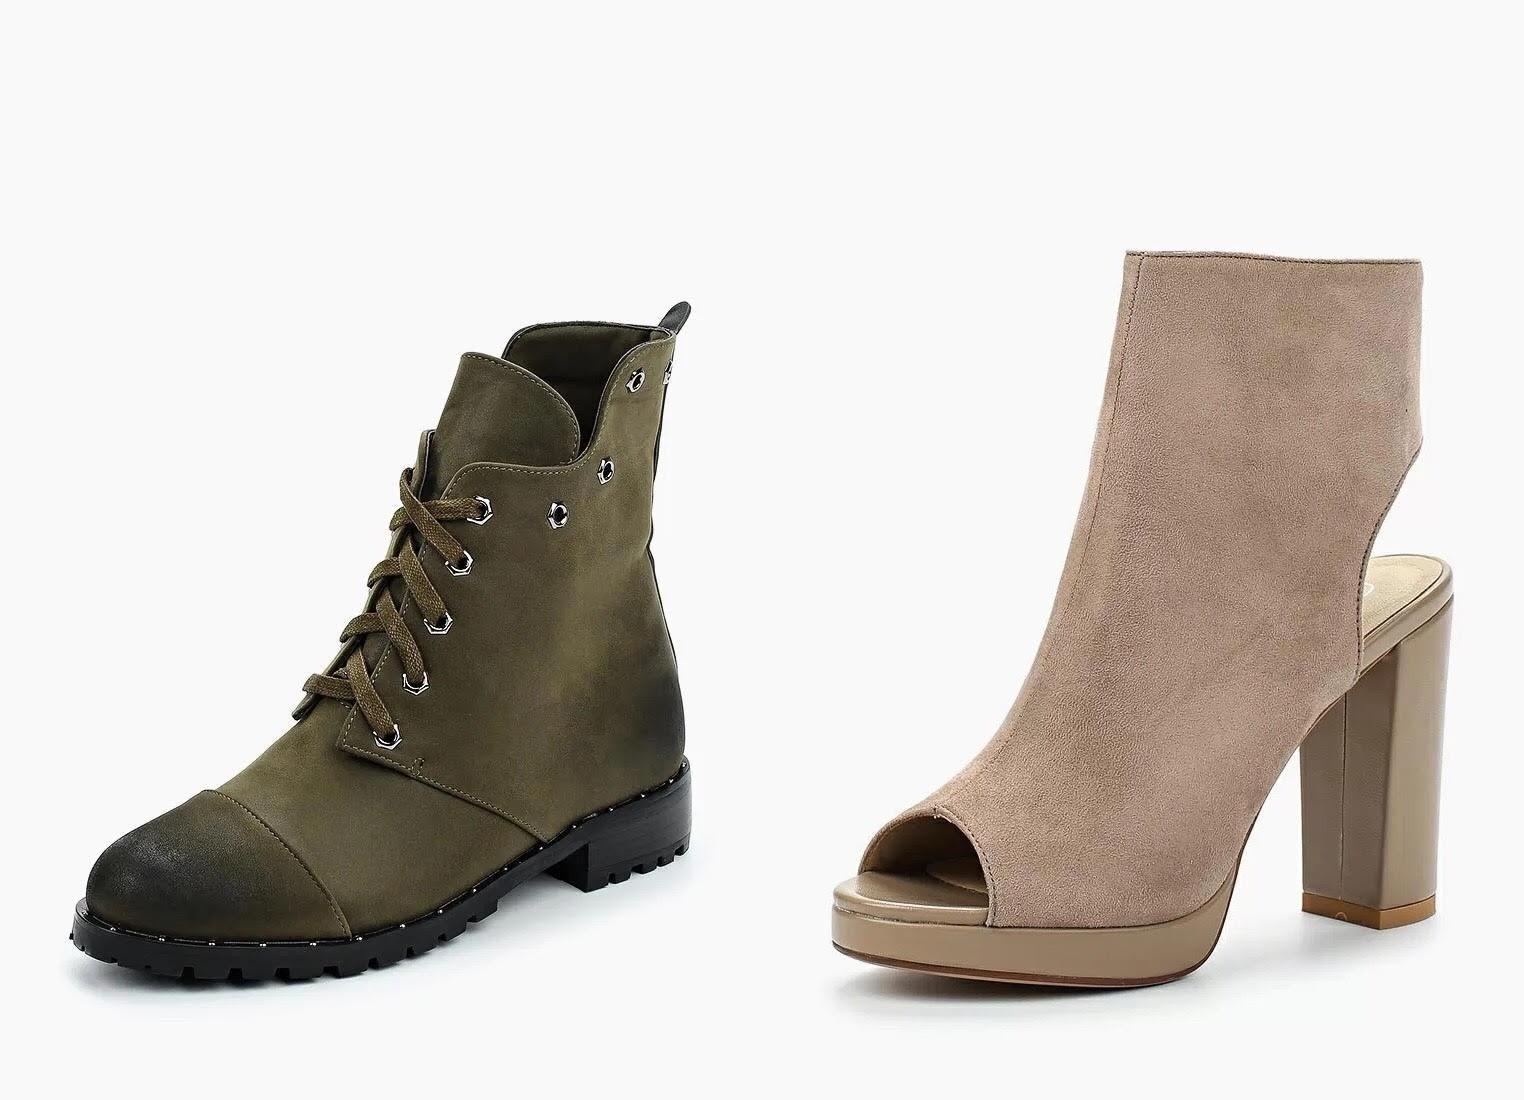 Топ-7 пар осенней обуви до 5 000 рублей, в которых ноги визуально кажутся худее